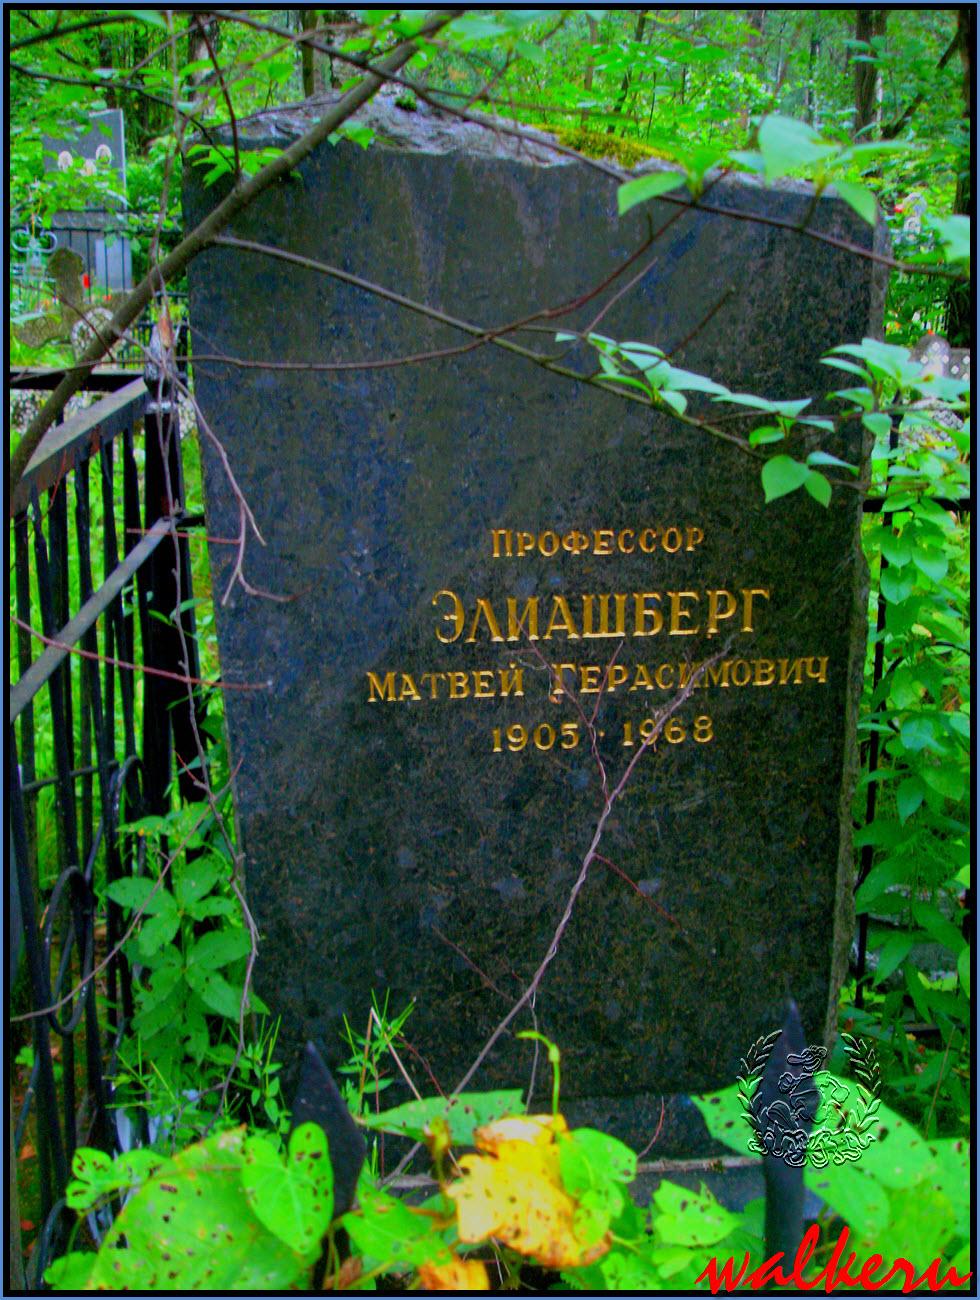 Могила Элиашберга М.Г на Большеохтинском кладбище